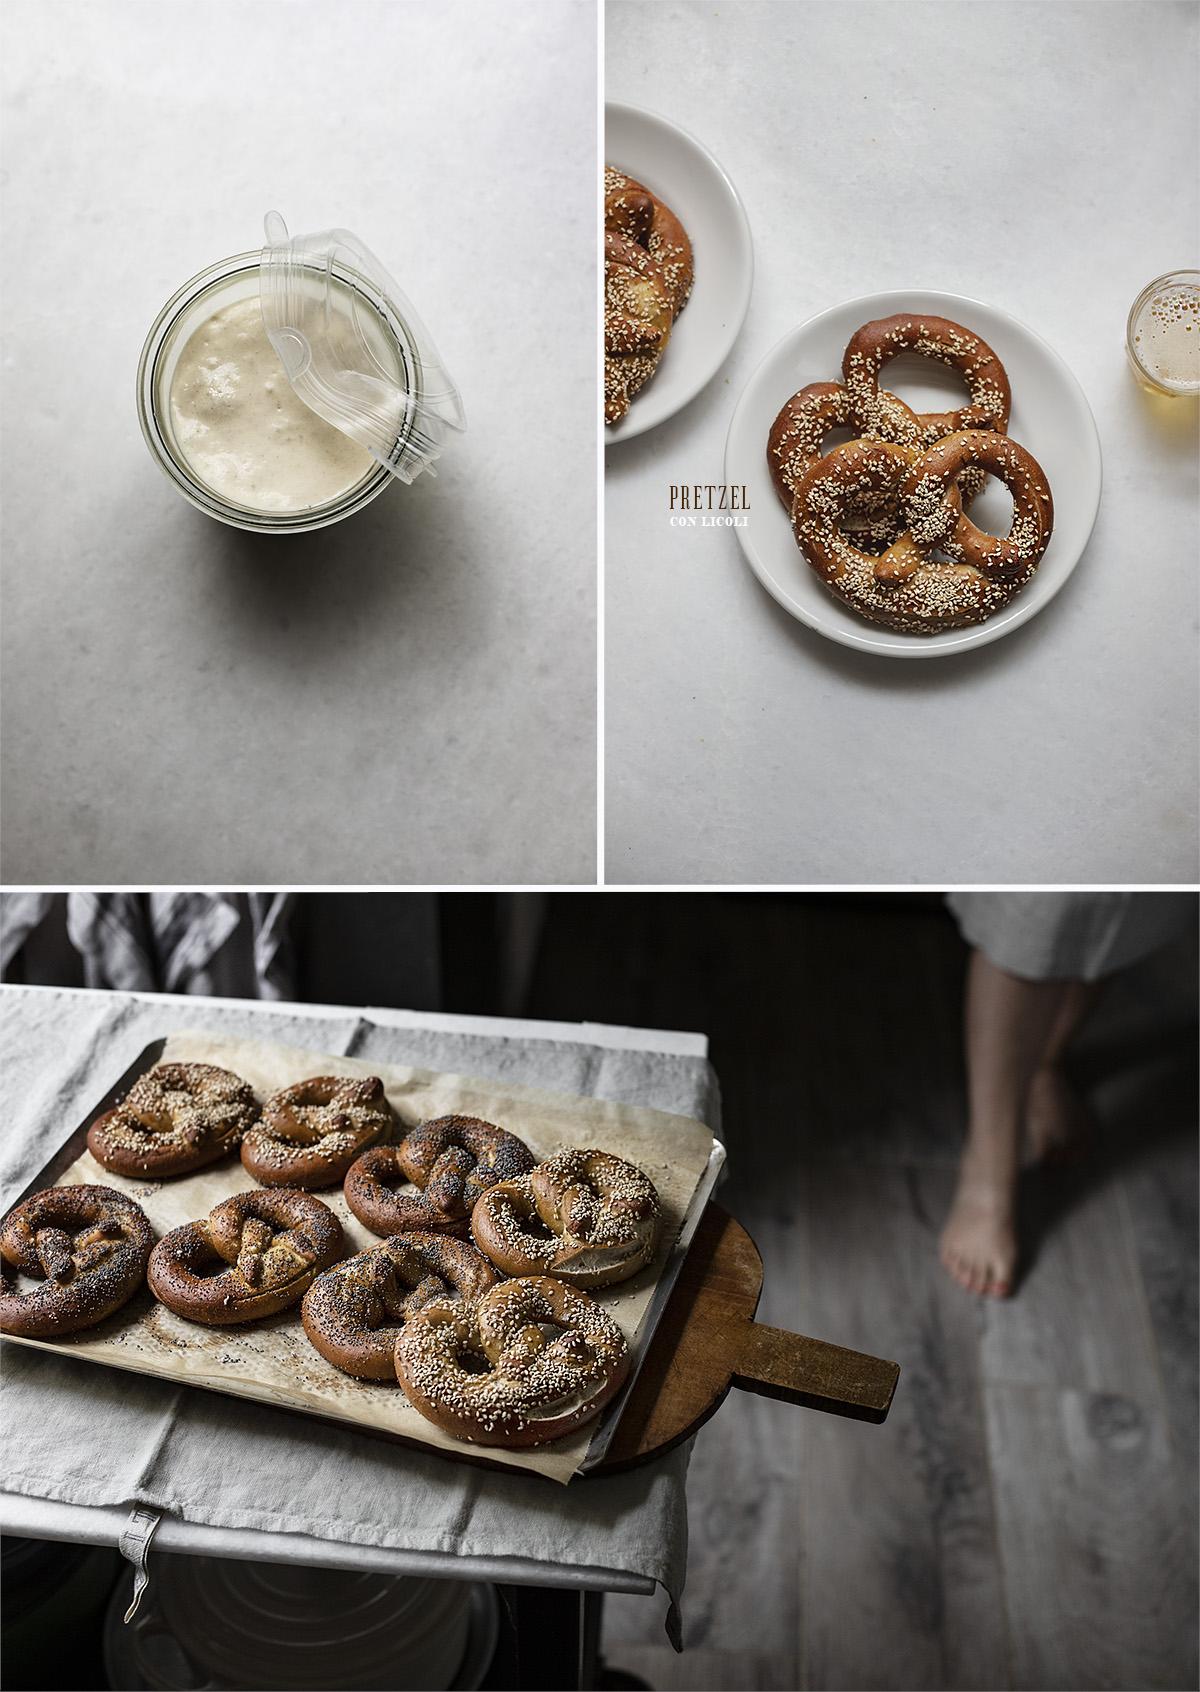 pretzel con licoli